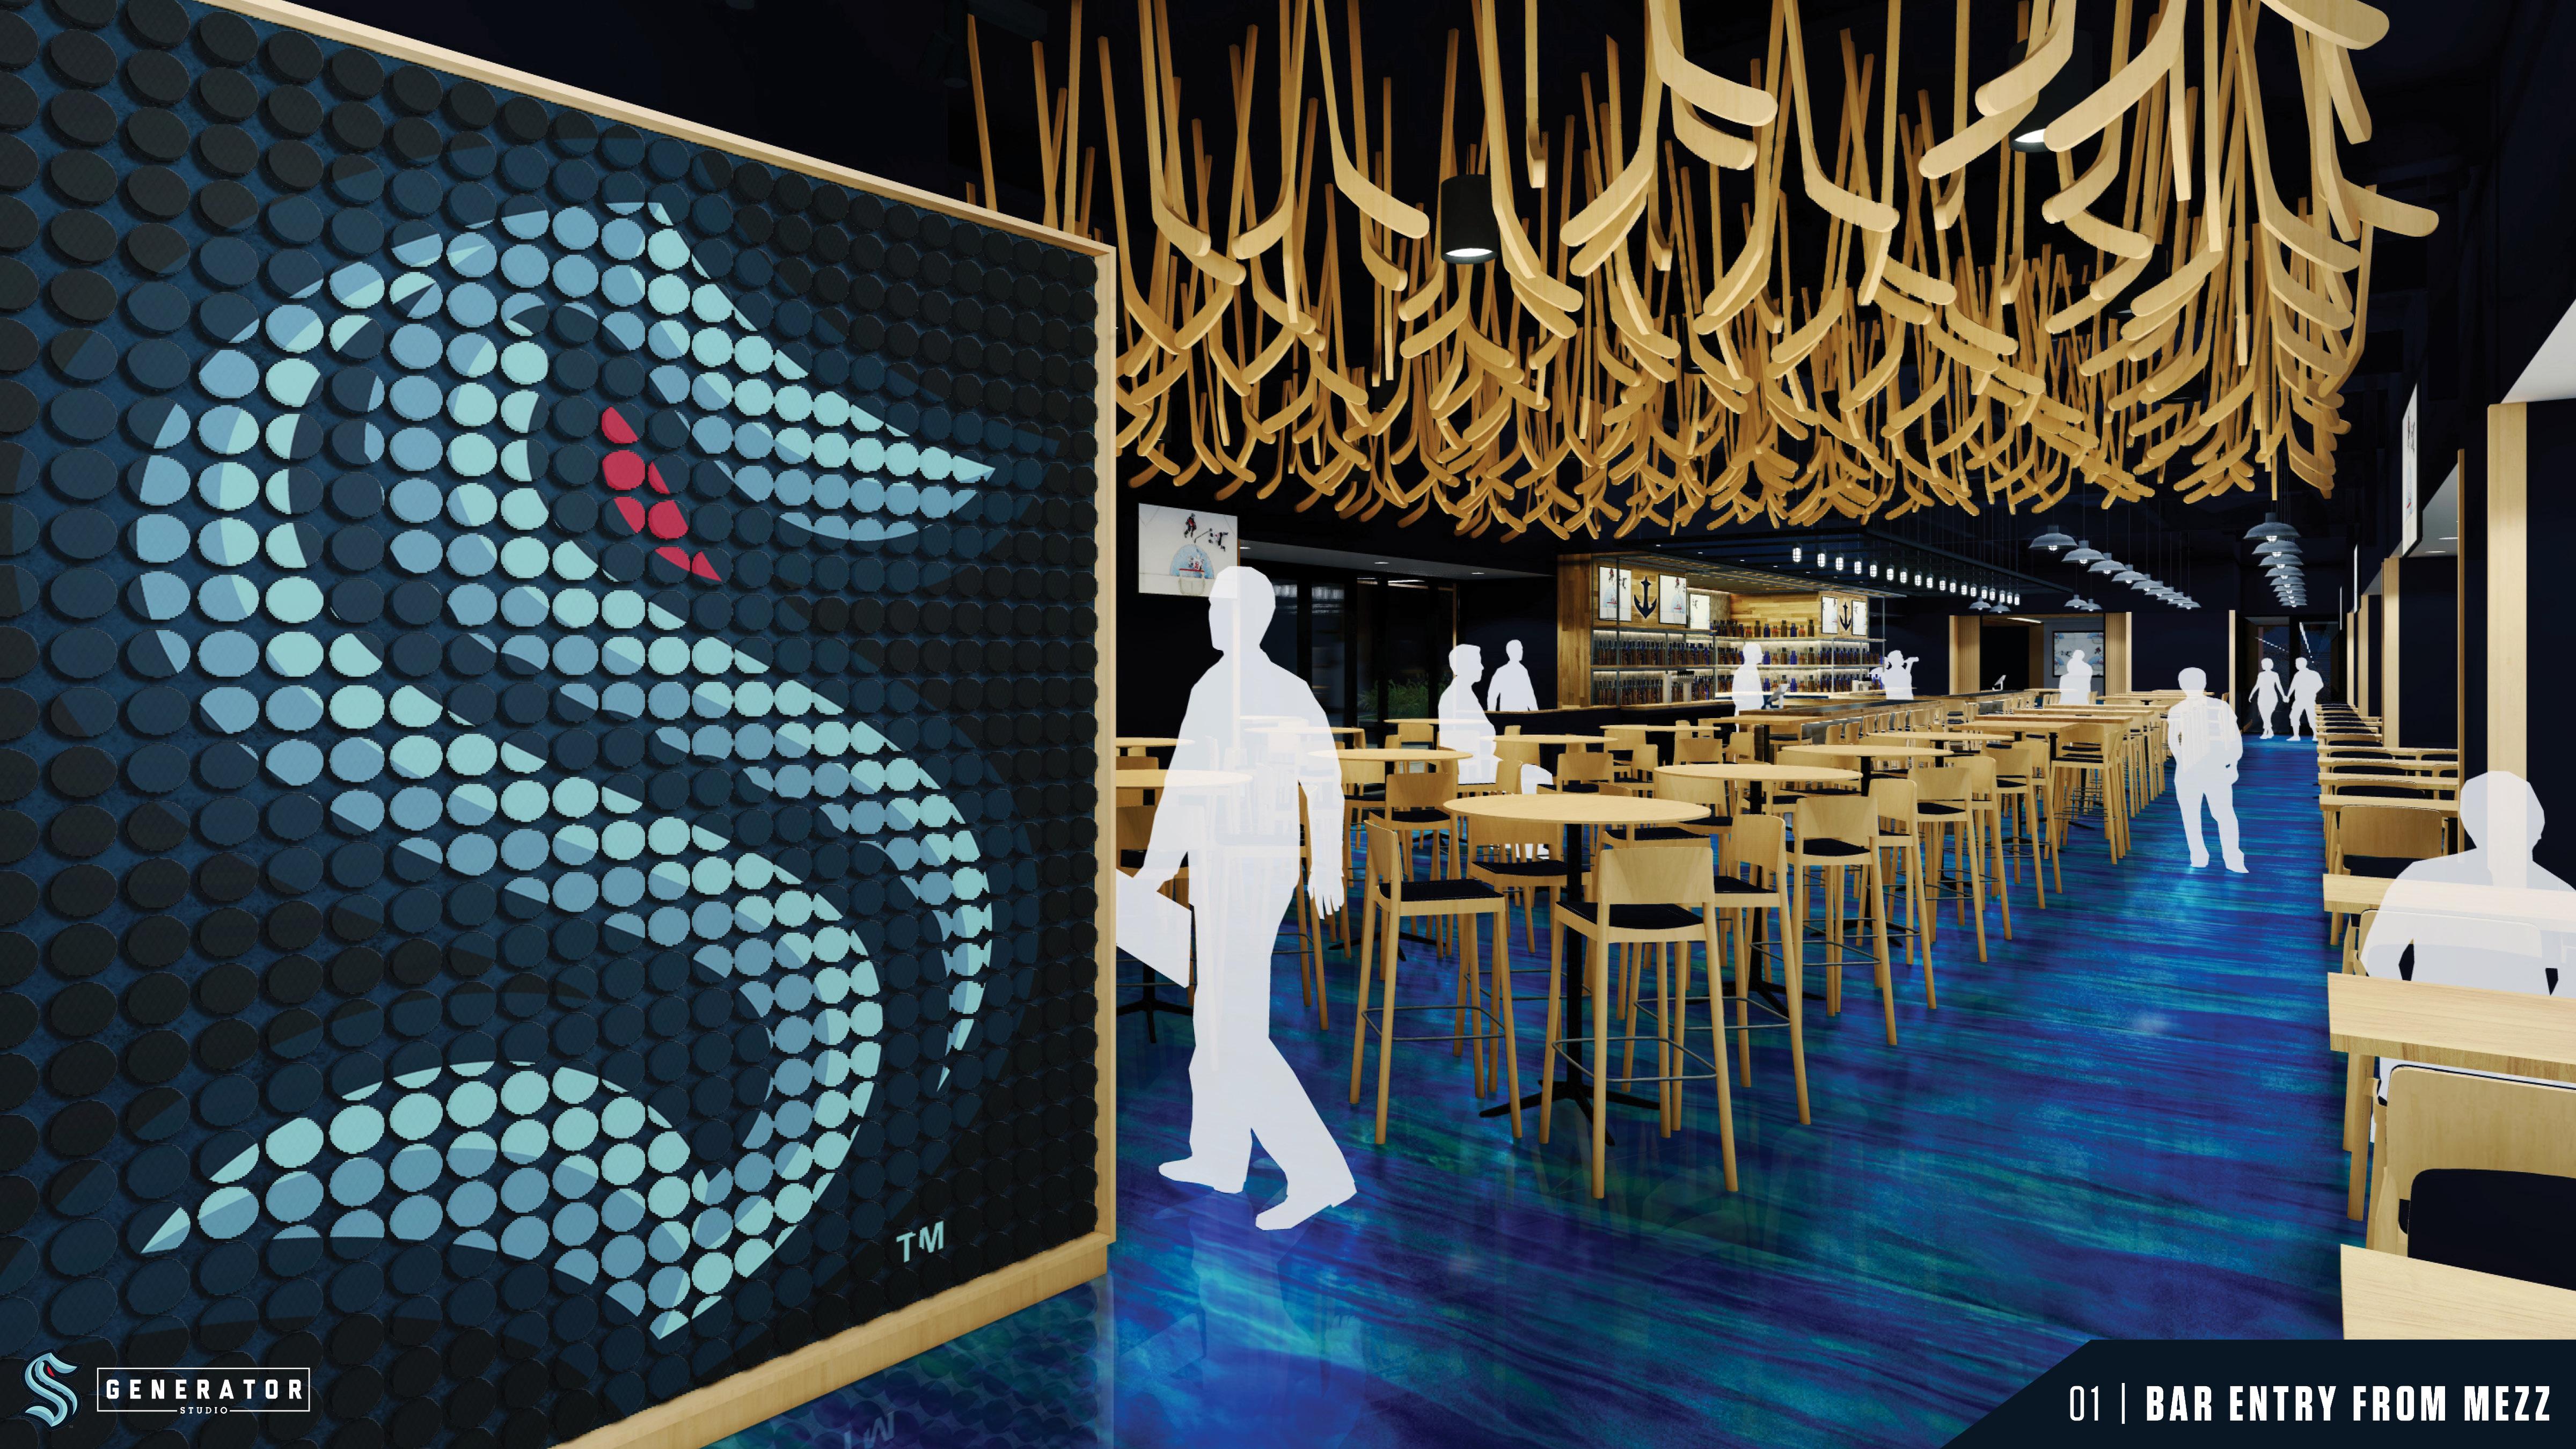 海怪酒吧的电脑效果图;烧烤架的左边是两支球队的蓝色标识,天花板上挂着曲棍球棒,餐厅里到处都是凳子